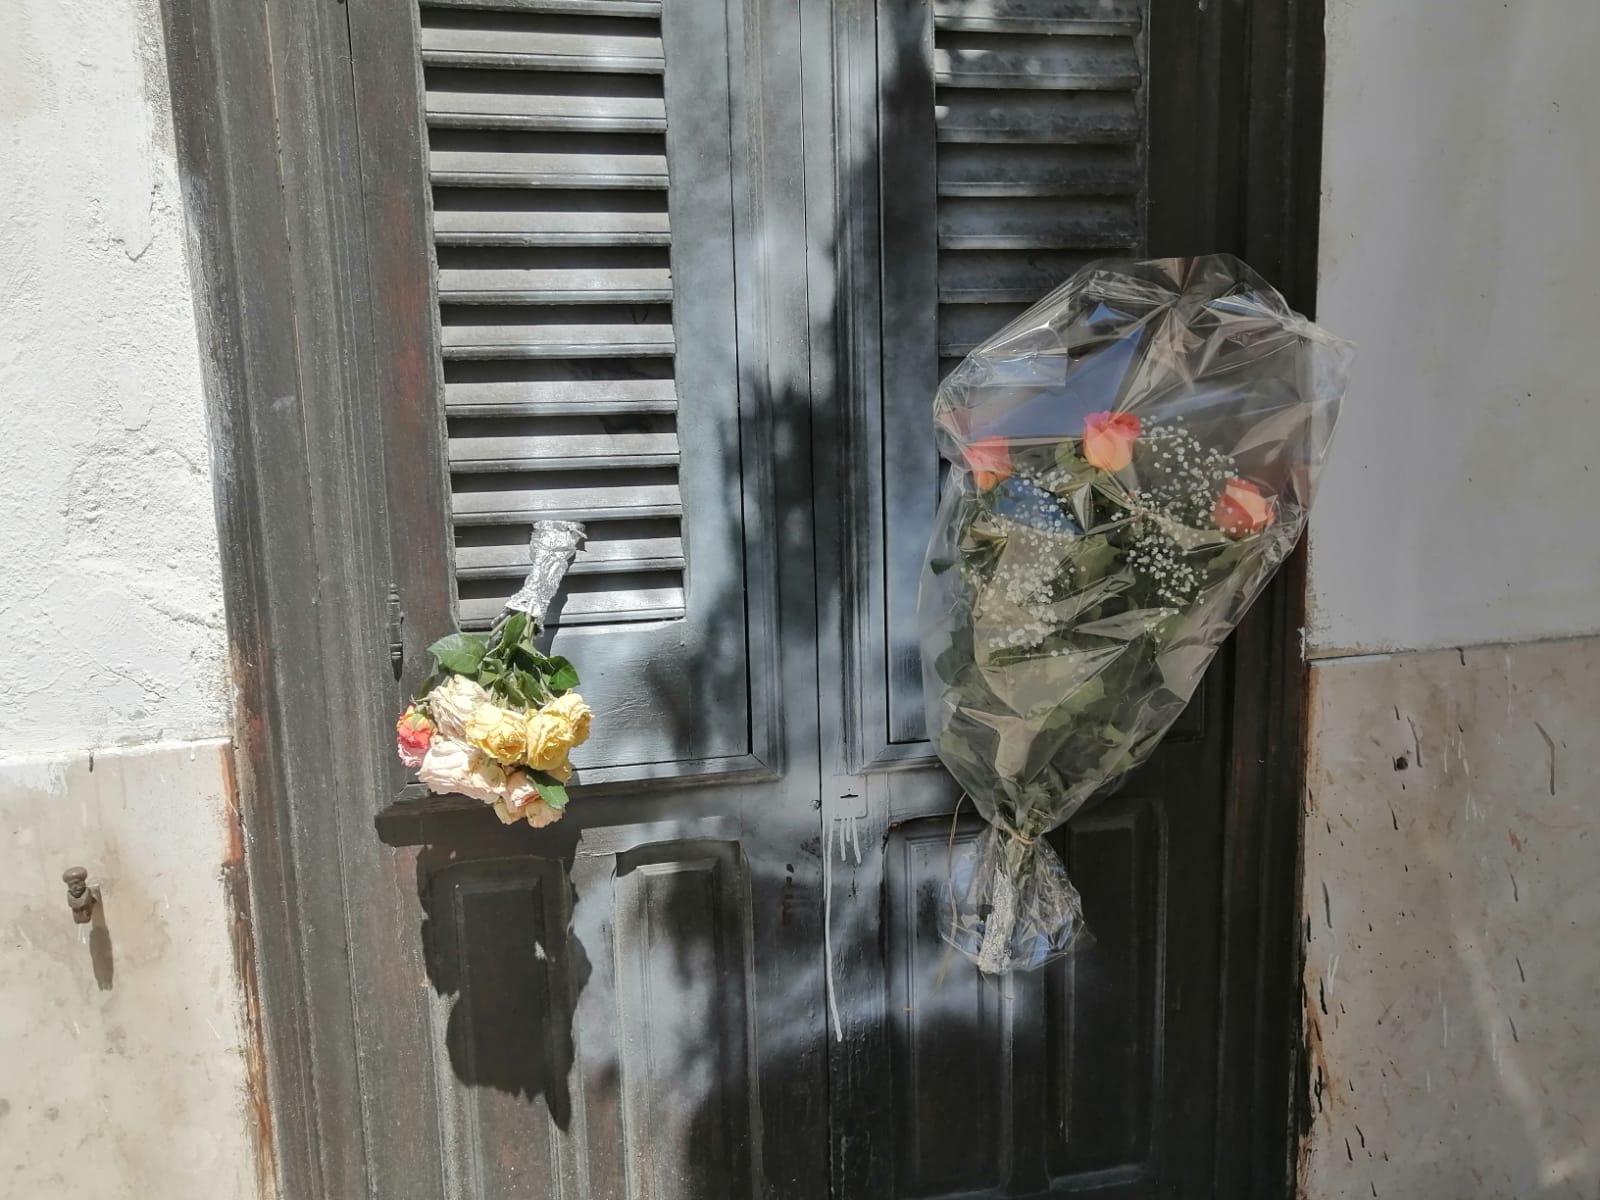 Marsala, il mistero della morte di Piccione. Chi ha lasciato i fiori prima della scoperta del cadavere?